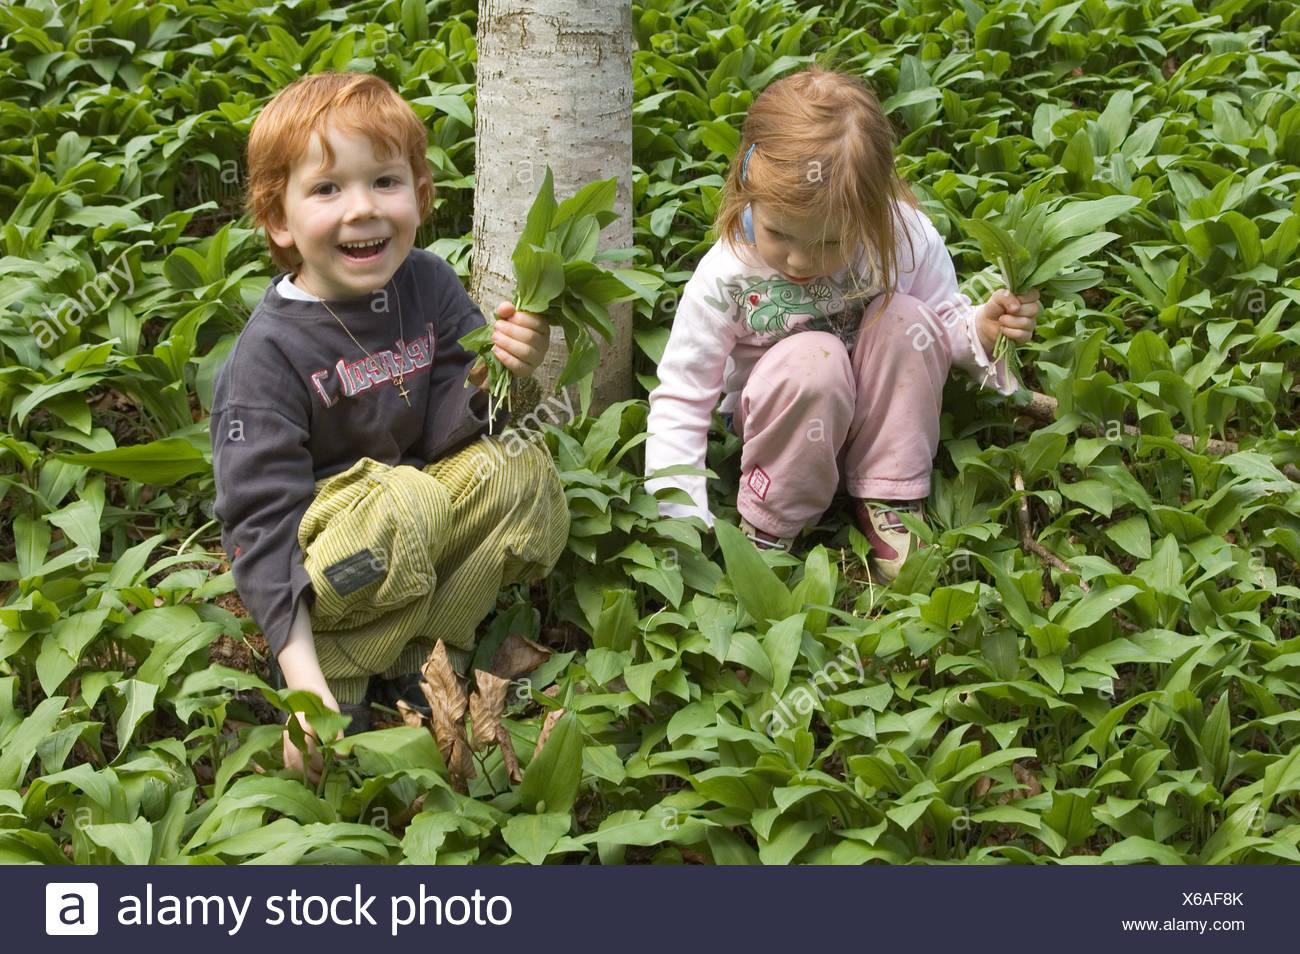 MR Mädchen und Junge pflücken im Wald Bärlauch Baerlauch Allium ursinum Bärenlauch MR girl and boy are picking ramson allium Stock Photo